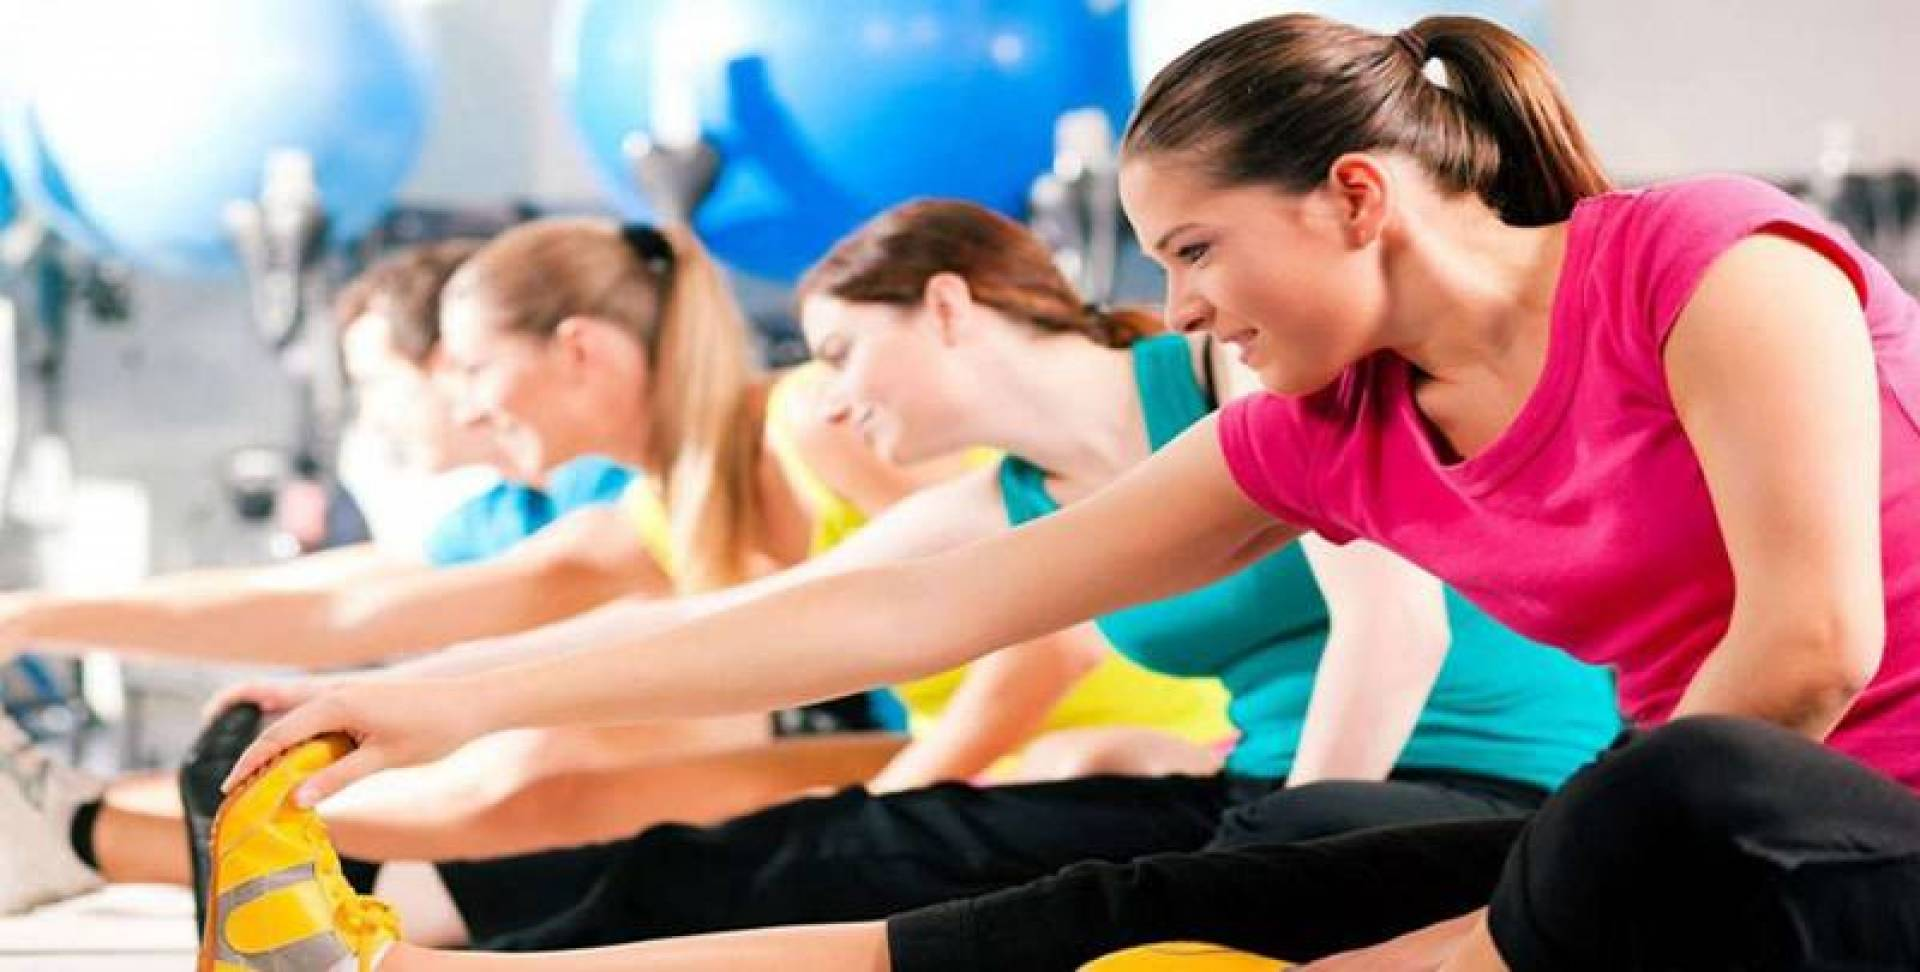 التمارين الهوائية: ما أفضل وتيرة للتمارين الرياضية؟